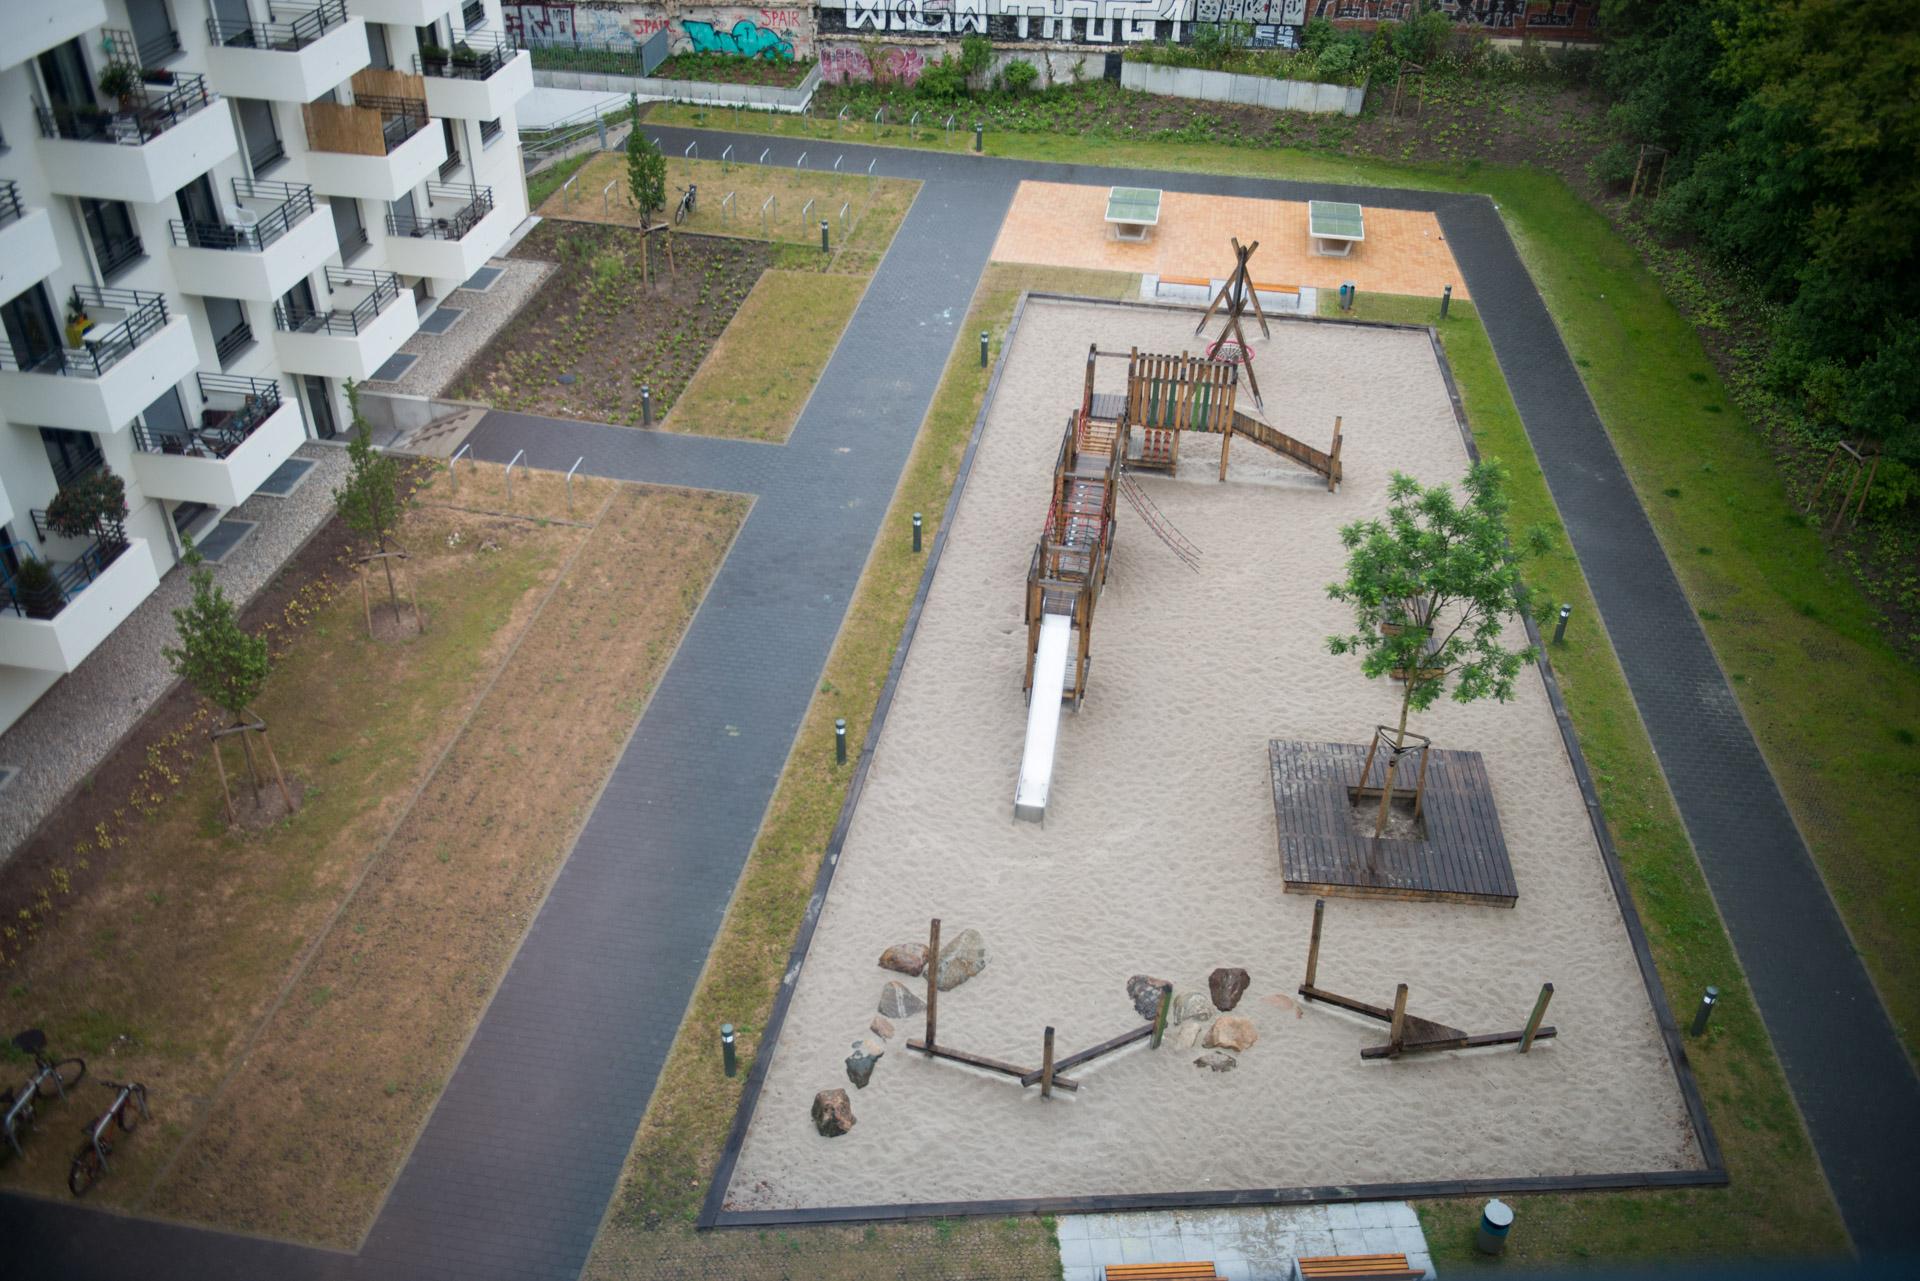 Rasengitter um einen Spielplatz